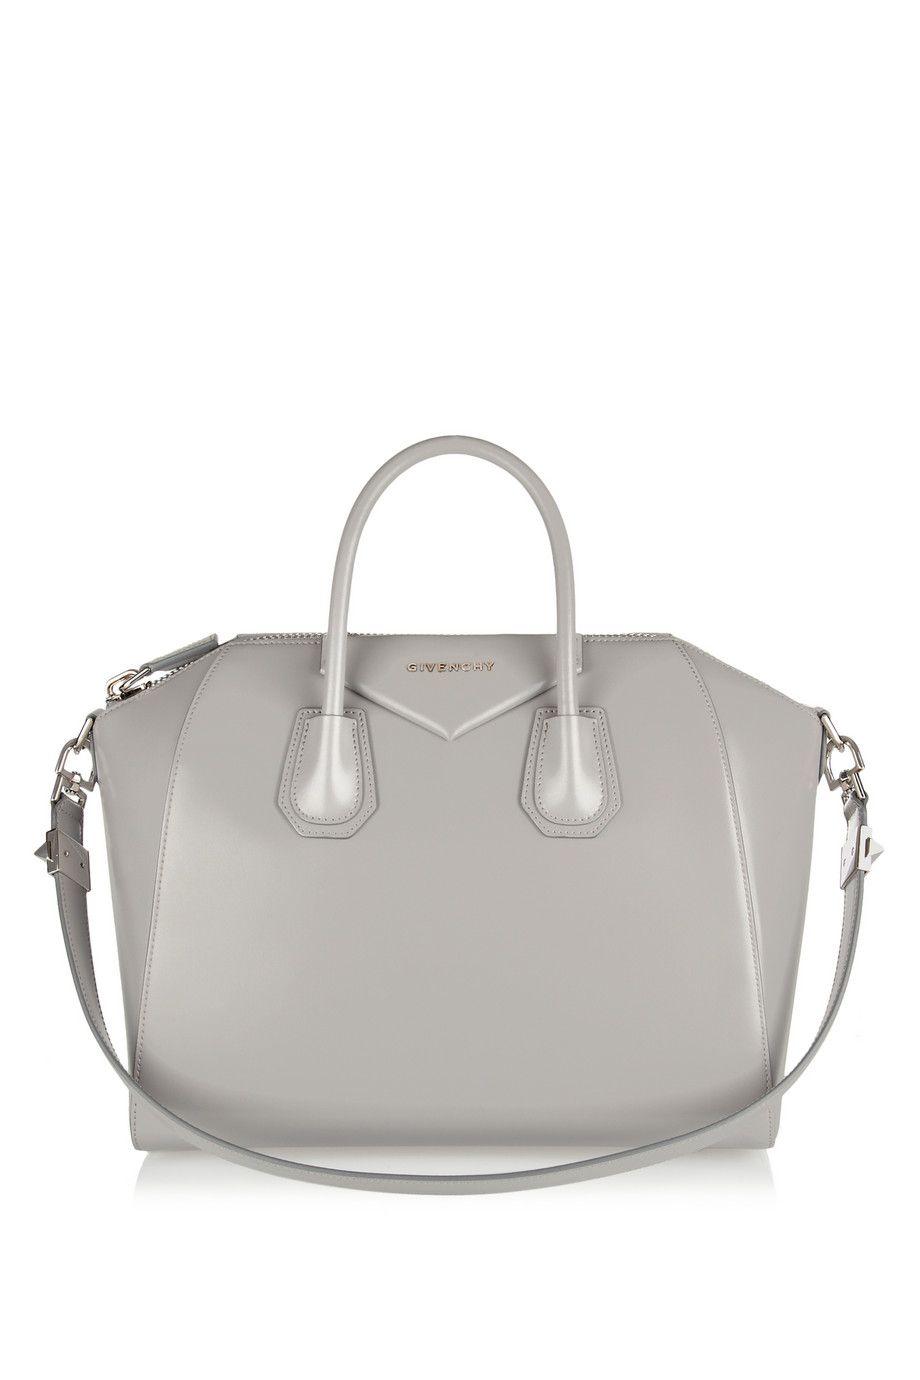 7795ffe69af Givenchy   Medium Antigona bag in gray leather   NET-A-PORTER.COM ...